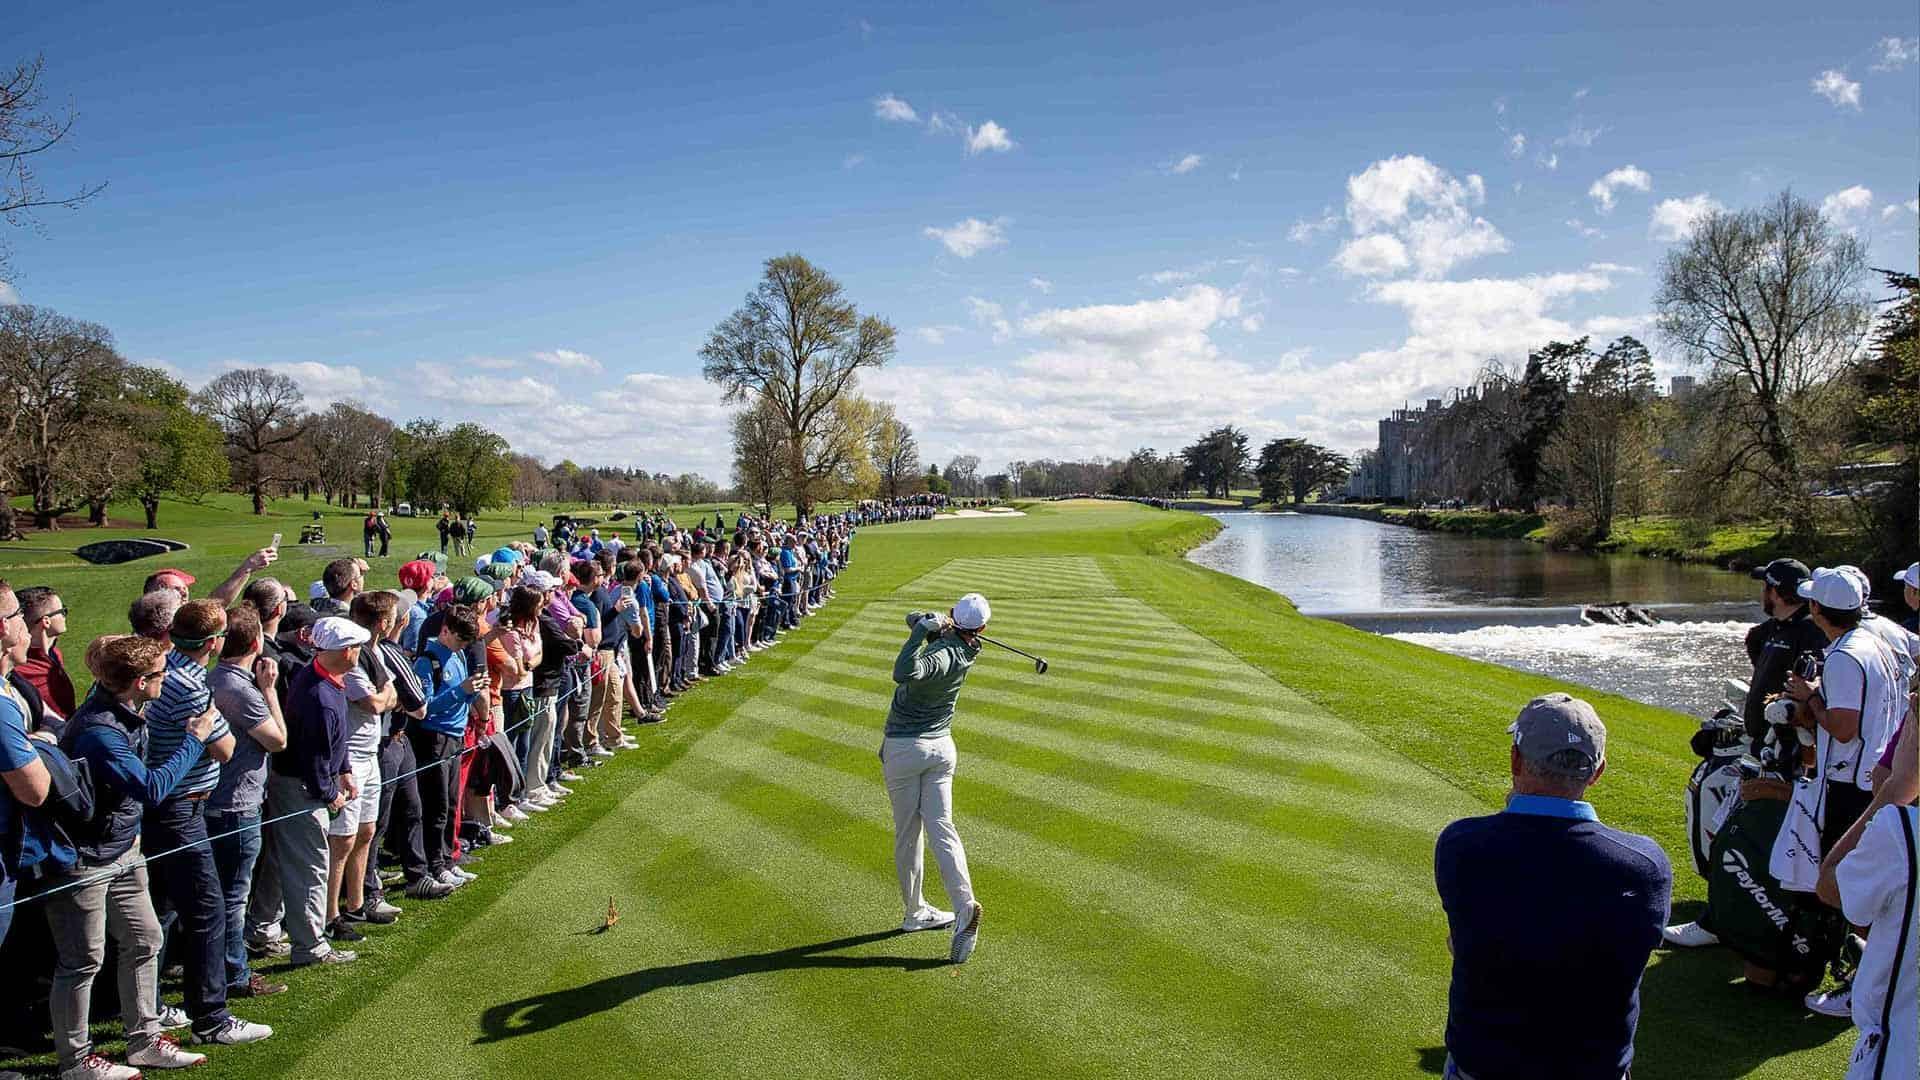 """Selbst Rory McIlroy konnte sich der Schönheit des """"Adare Manor Golf Clubs"""" nicht entziehen. (Foto: Adare Manor Golf Club)"""